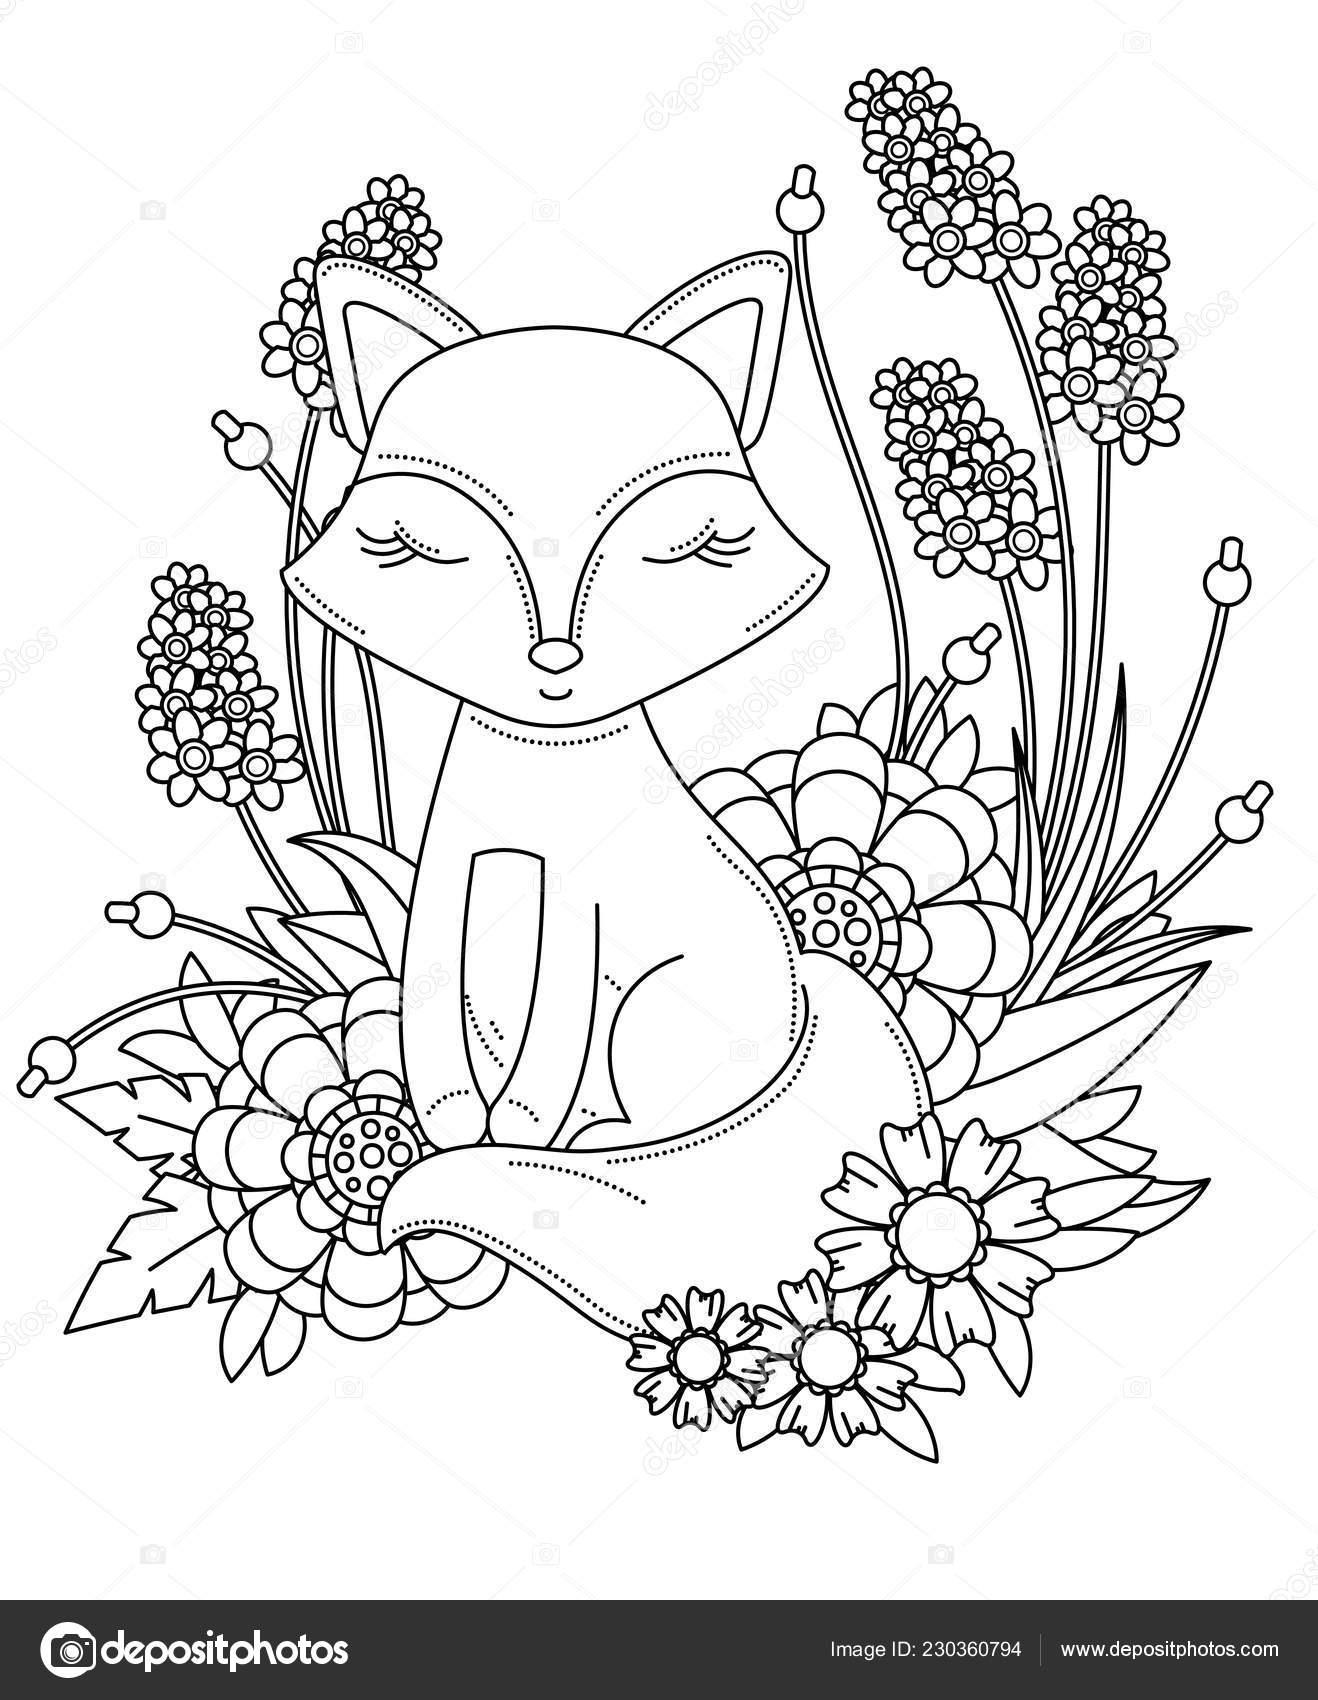 Kitap Sayfa Yetişkin çocuklar Için Boyama Sevimli Küçük çizgi Fox